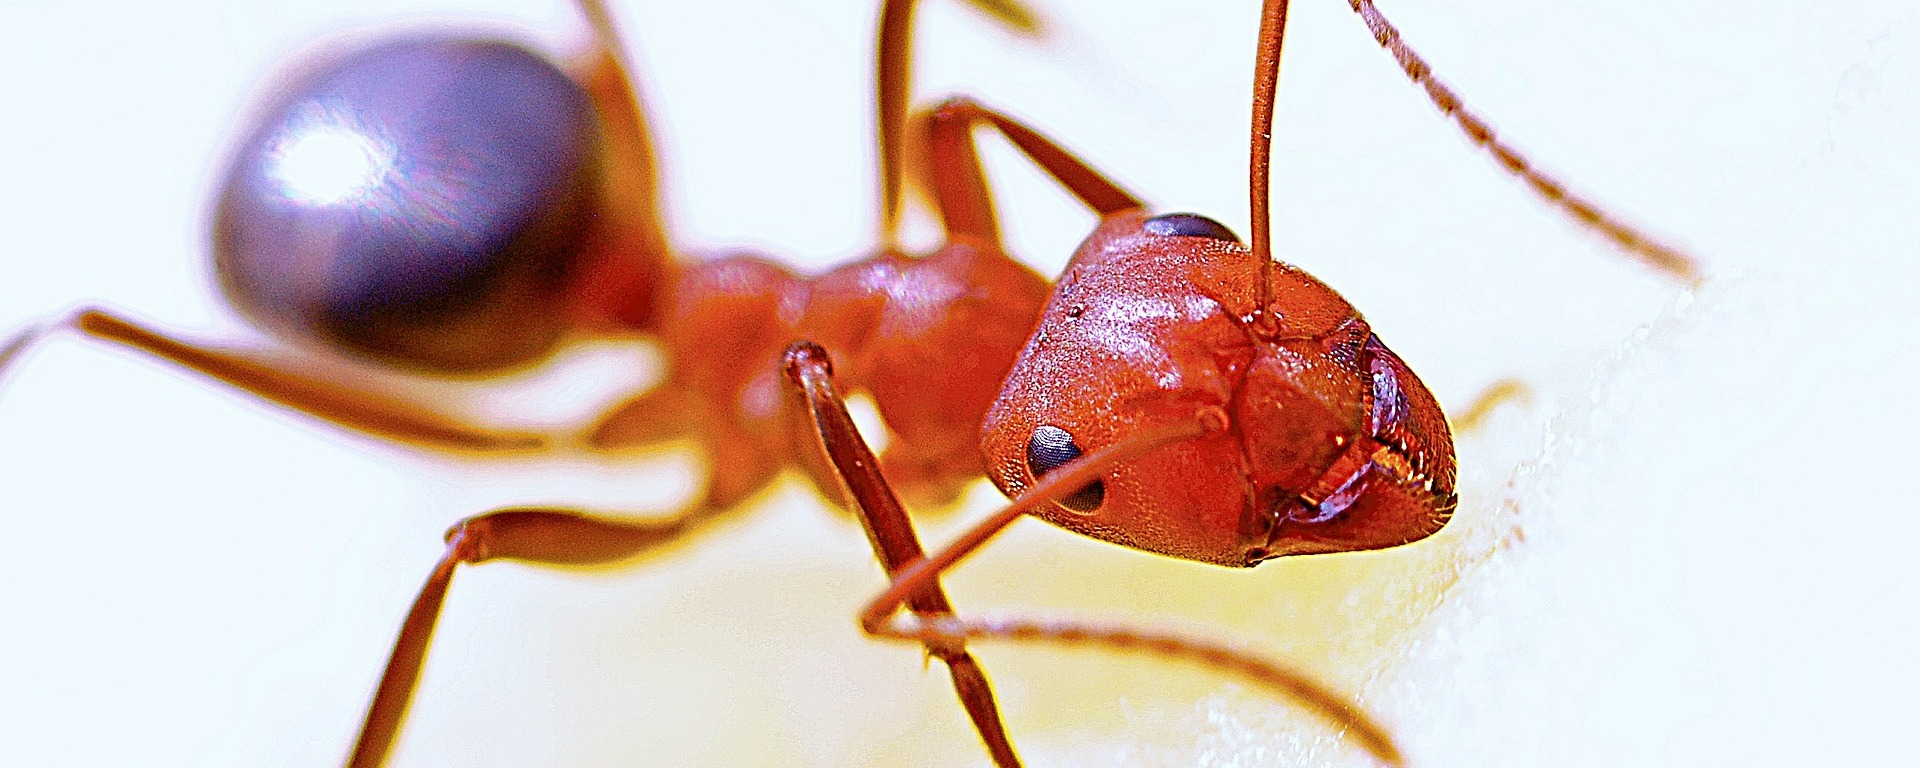 Hormigas, una lucha entre castas. – Crónicas de un Amonite